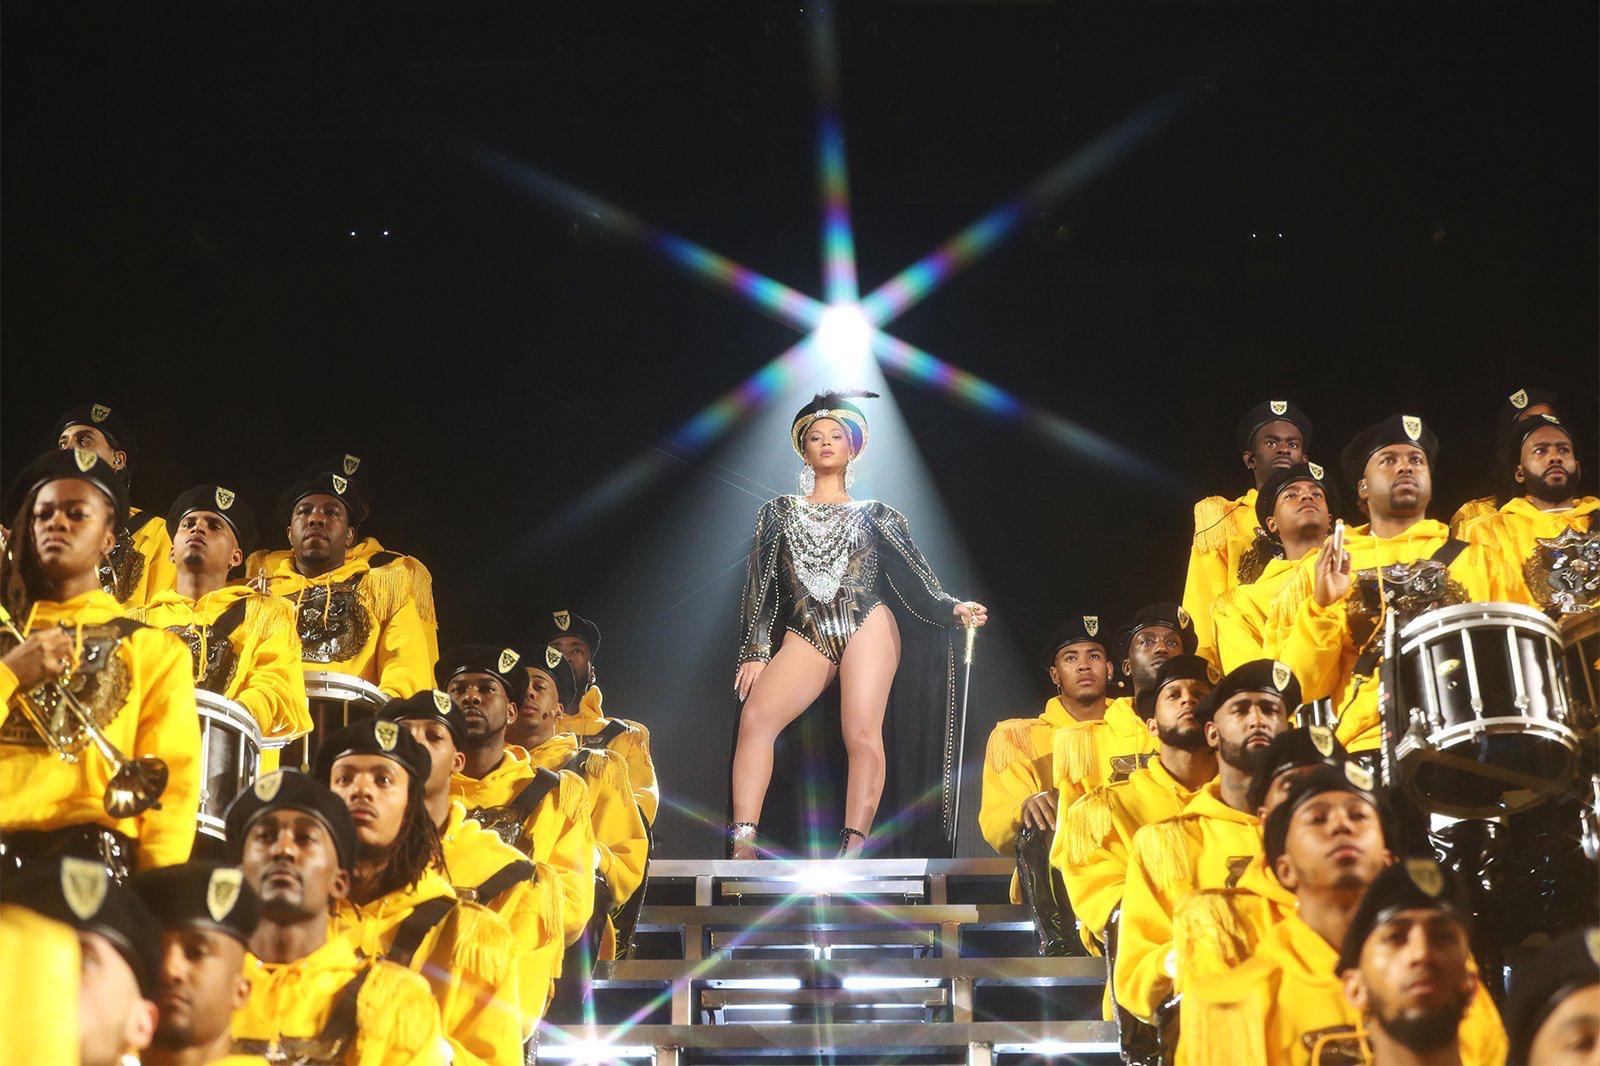 Beyoncé: A Performance to Remember